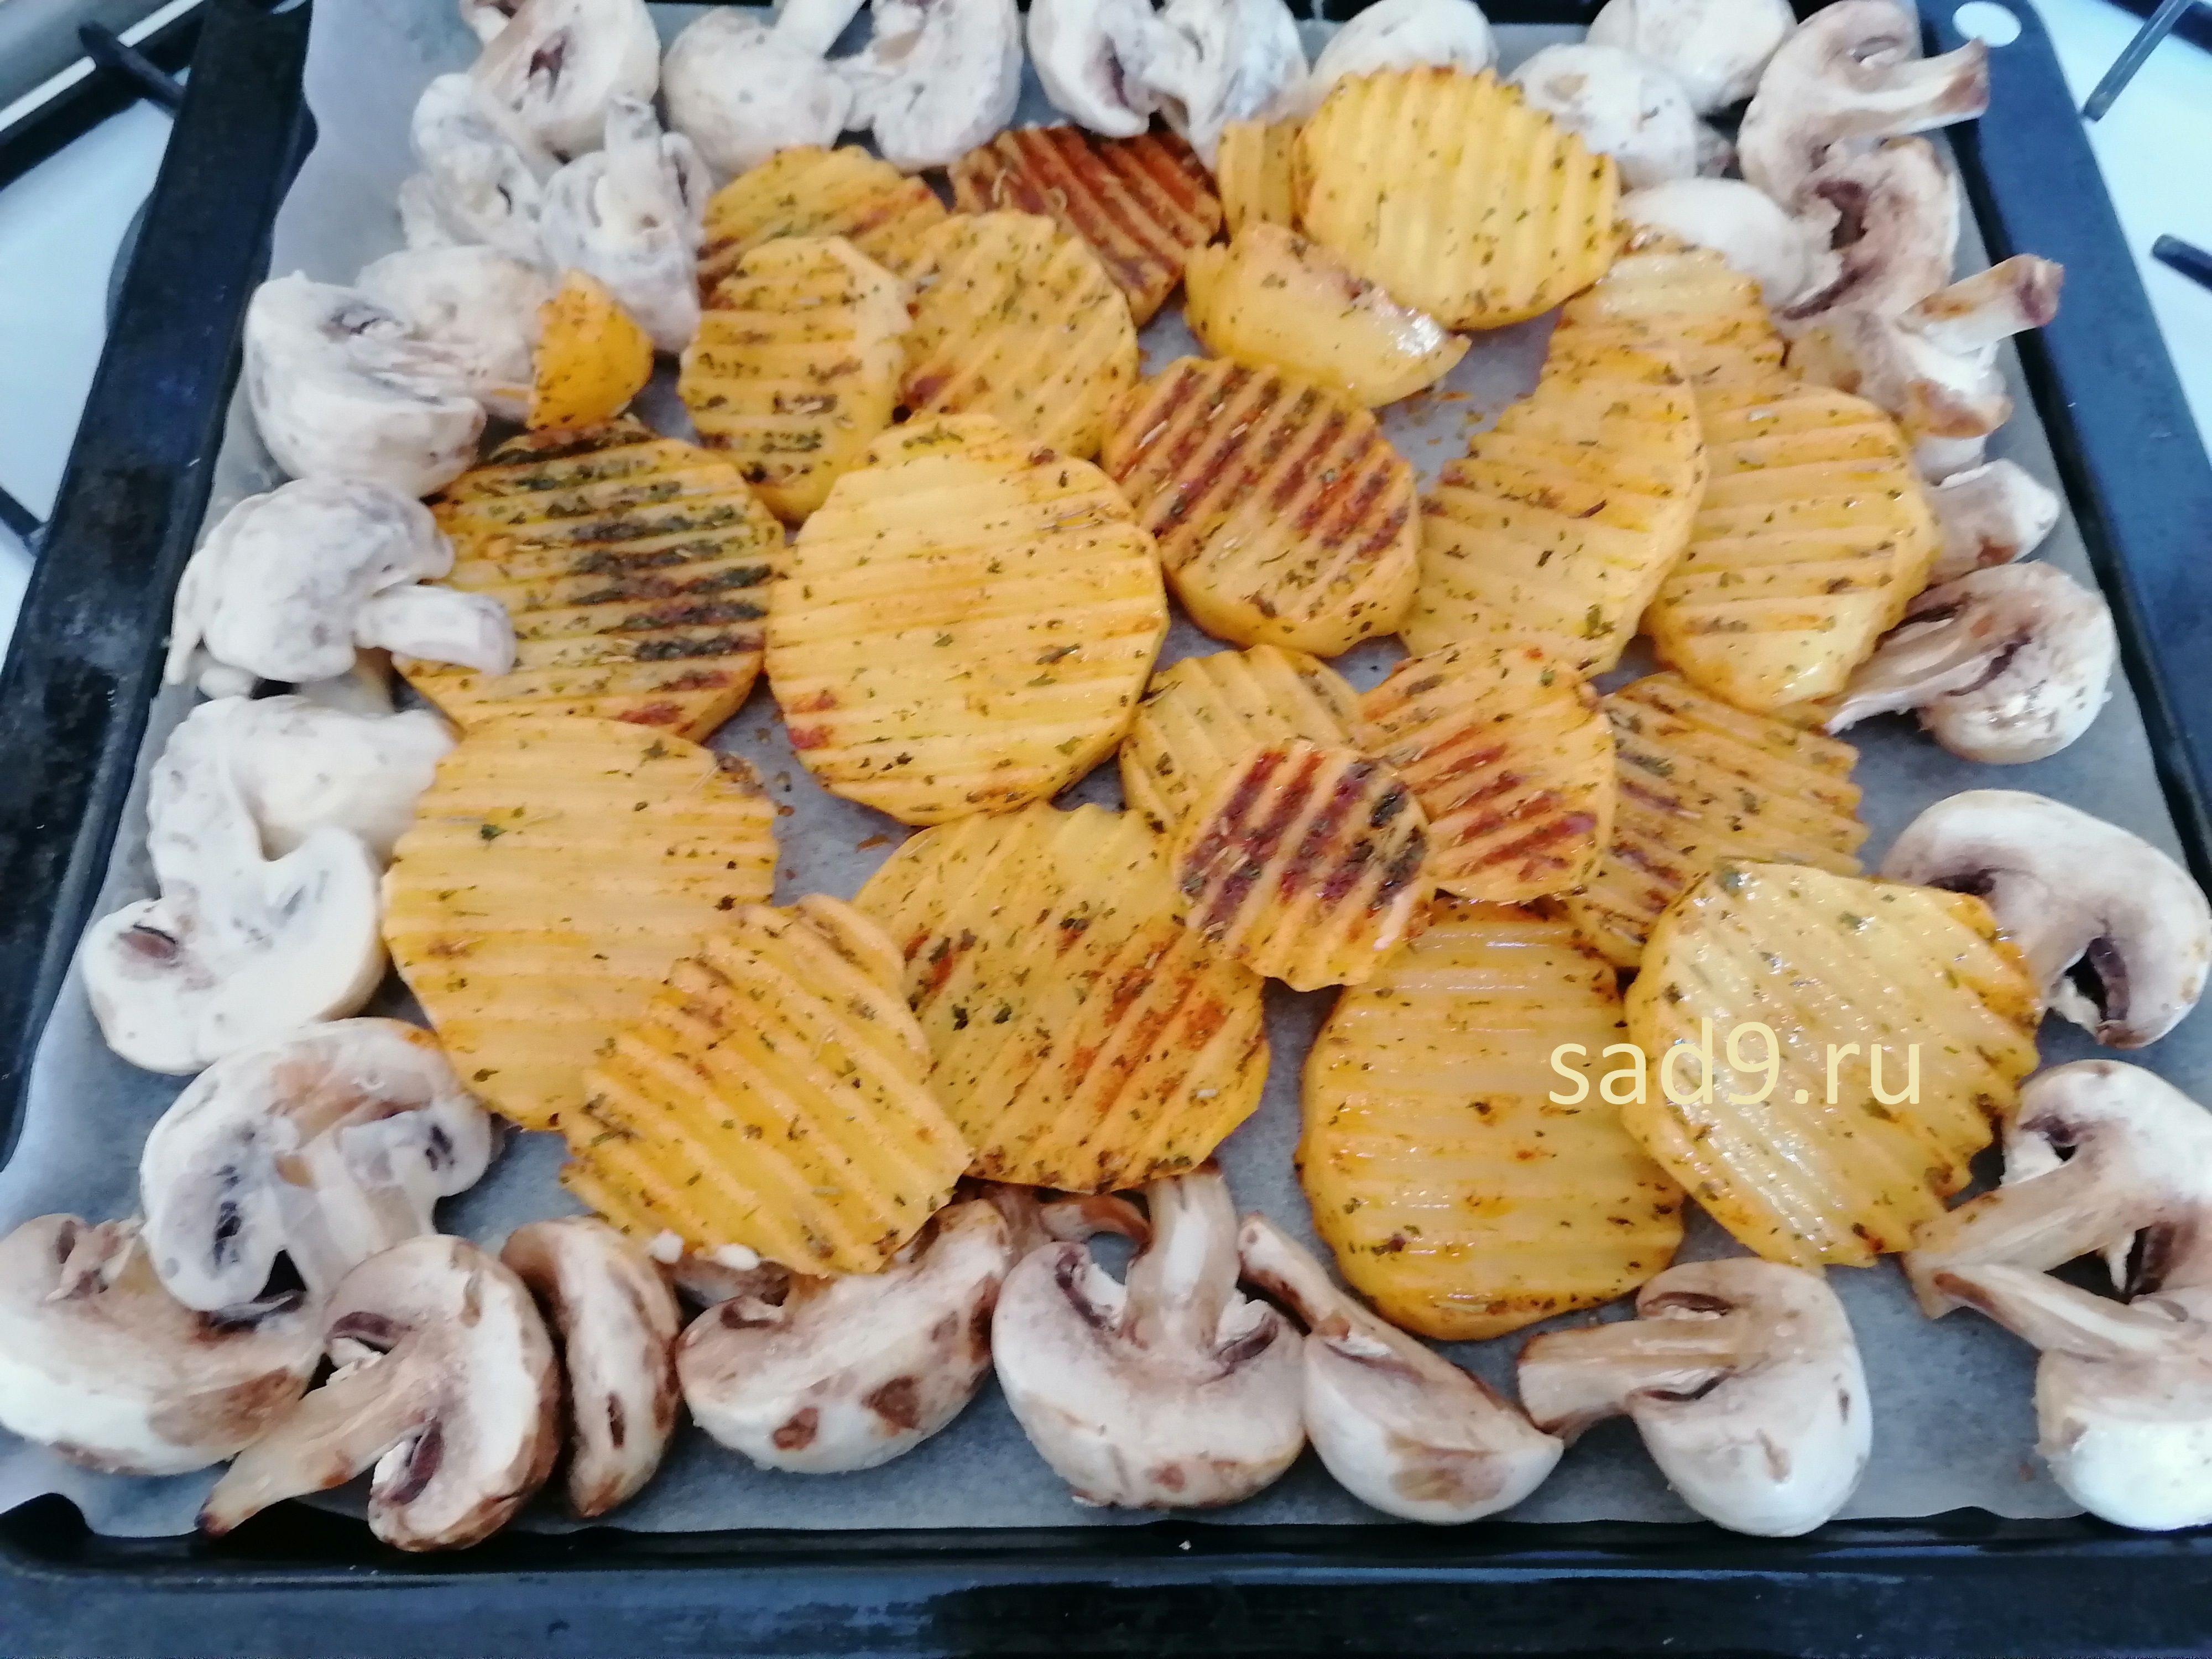 Простой способ приготовления картошки с грибами в домашних условиях